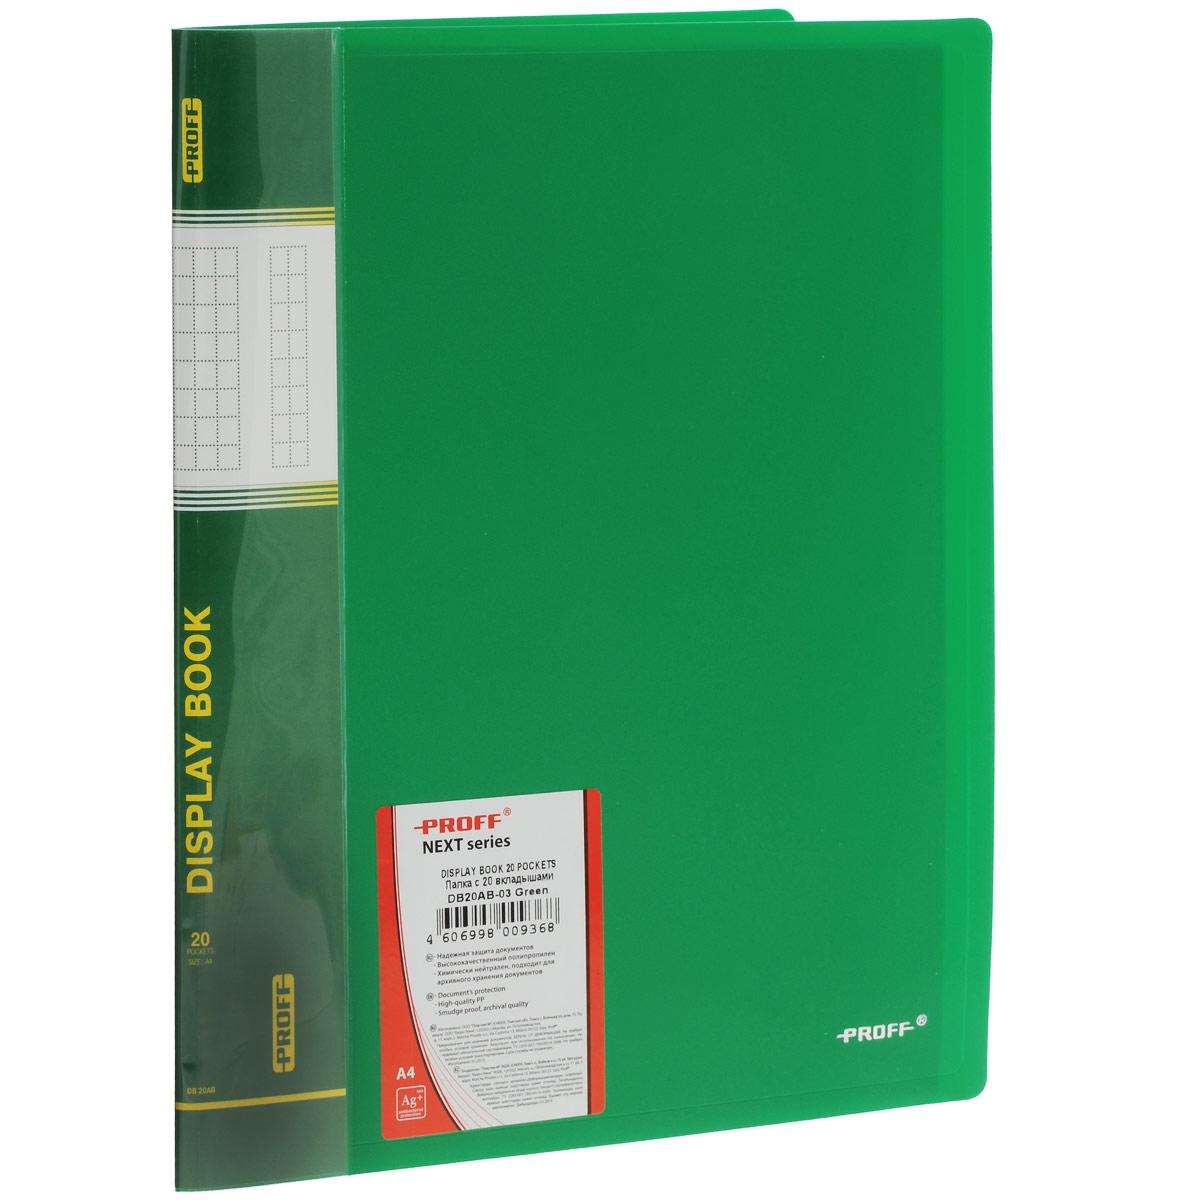 Папка Proff Next, на 20 файлов, цвет: зеленый. Формат А4FS-36052Папка с файлами Proff Next - это удобный и практичный офисный инструмент,предназначенный для хранения и транспортировки рабочих бумаг и документовформата А4. Обложка выполнена из плотного полипропилена. Папка включает в себя 20 прозрачных файлов формата А4. Папка с файлами - это незаменимый атрибут для студента, школьника,офисного работника. Такая папка надежно сохранит ваши документы и сбережетих от повреждений, пыли и влаги.